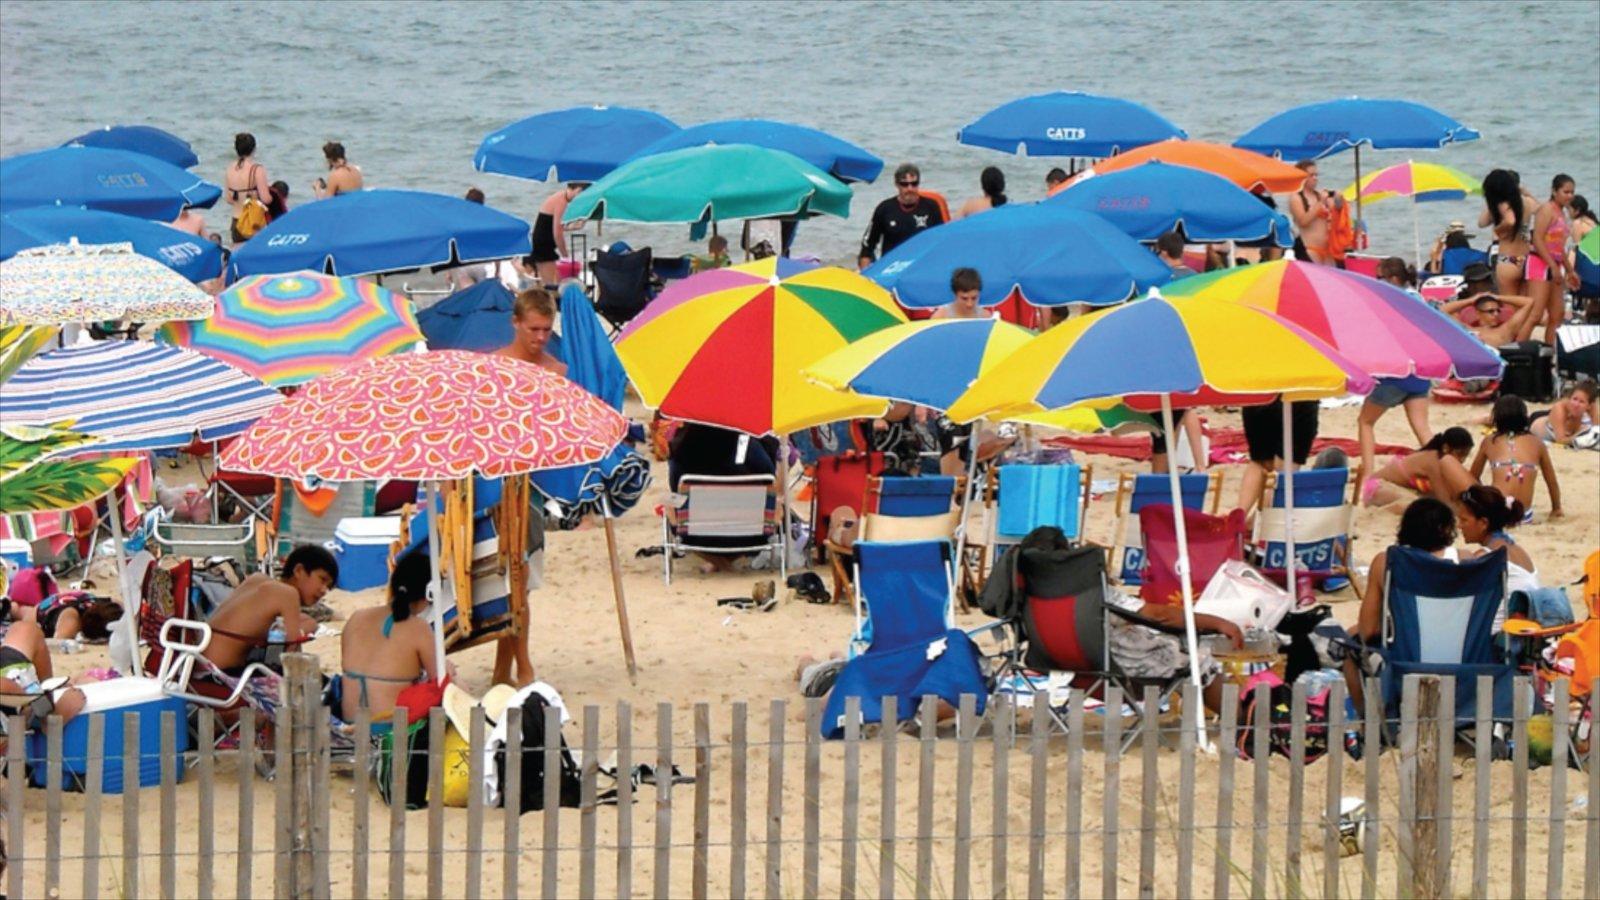 Dewey Beach ofreciendo una playa y también un gran grupo de personas